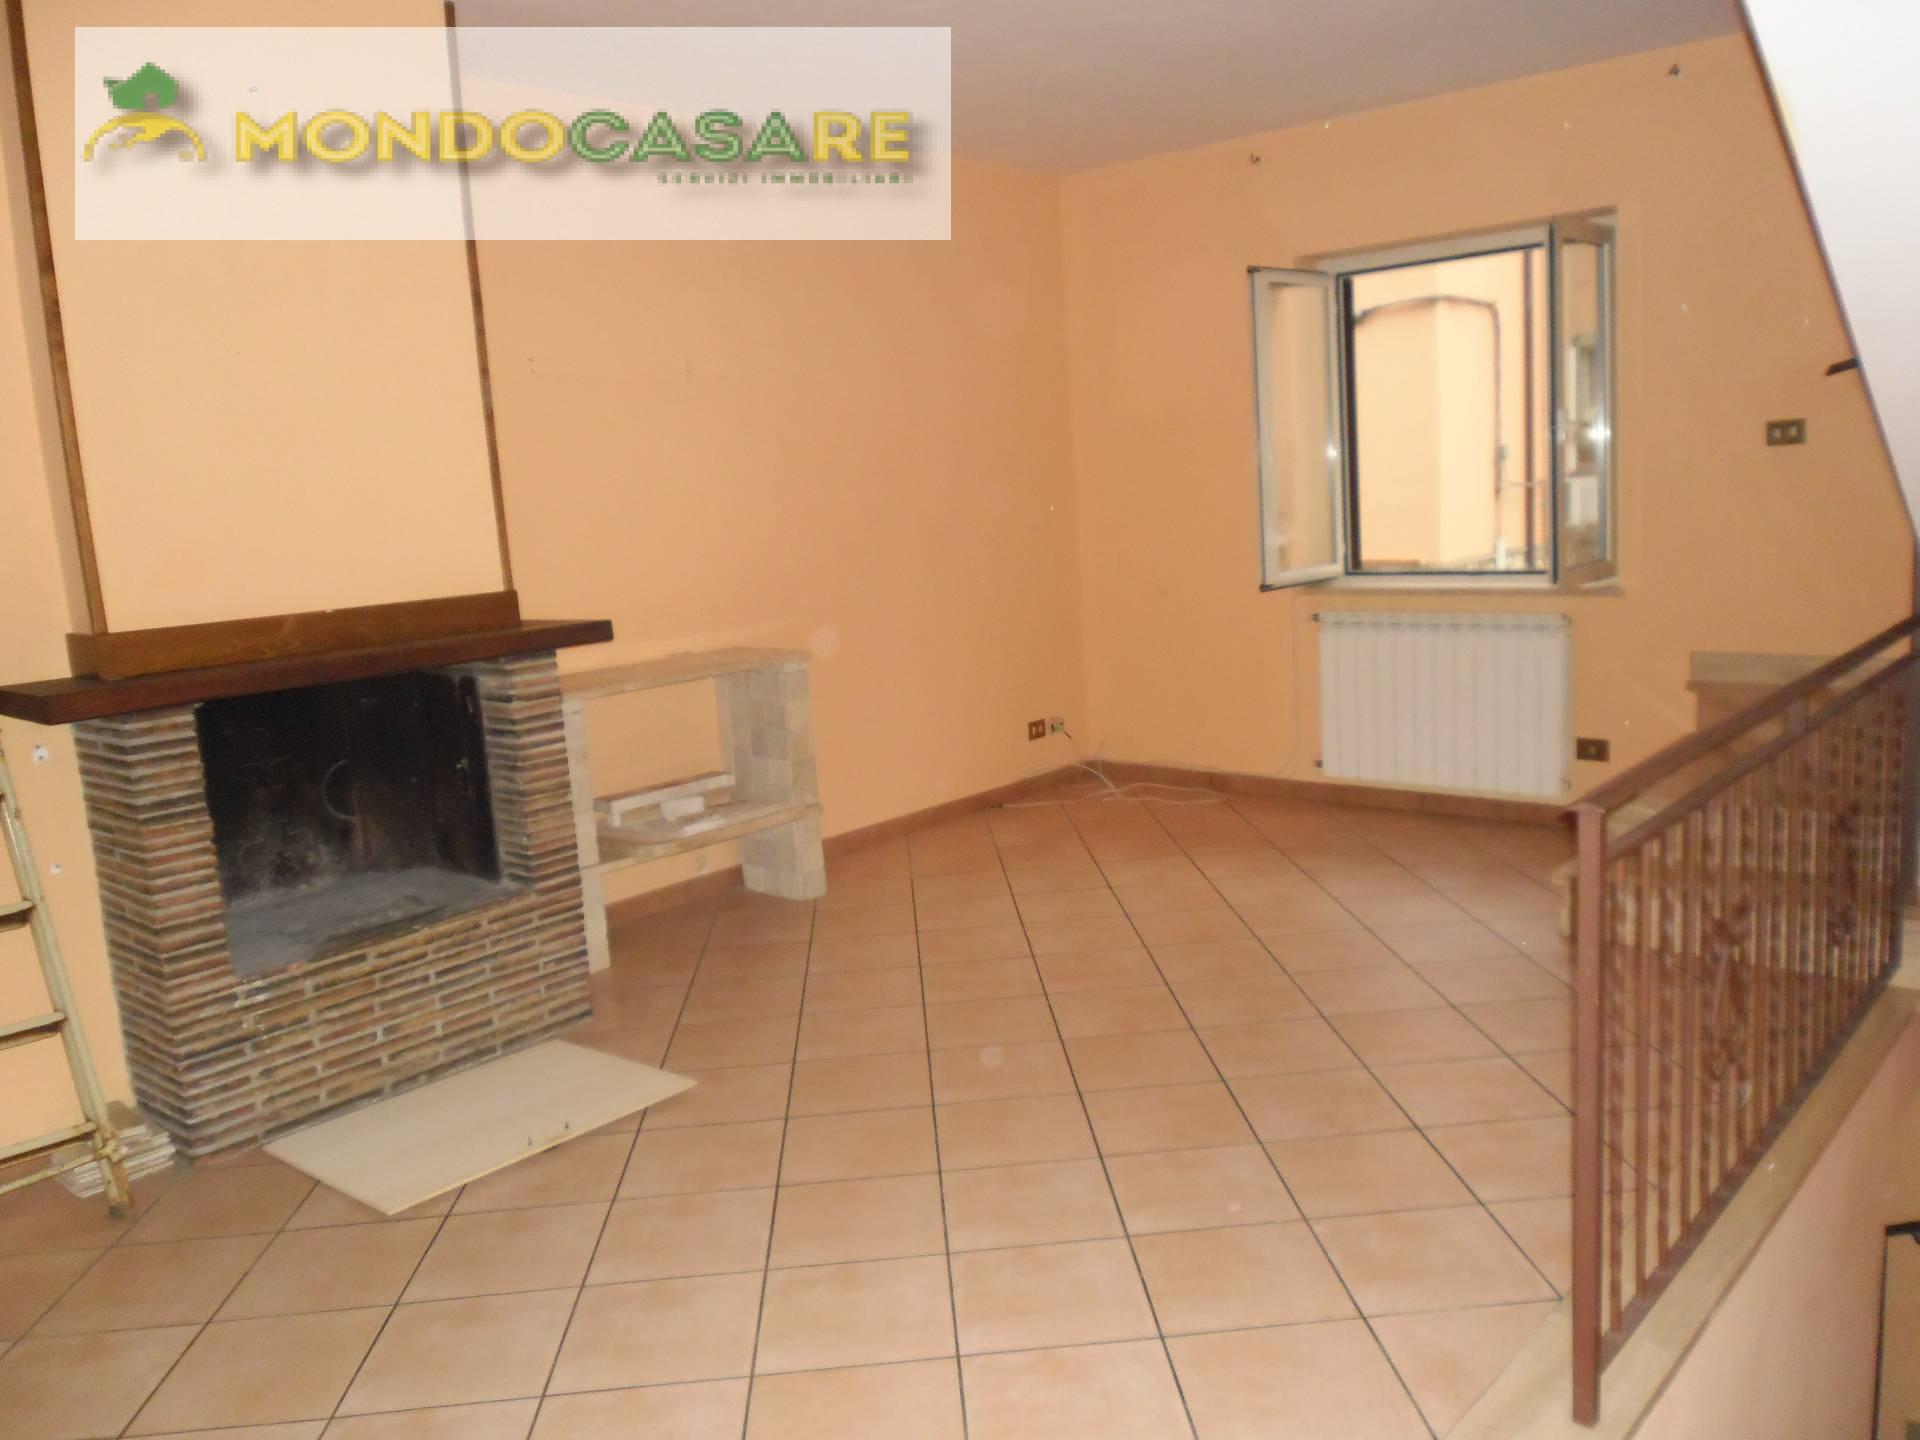 Appartamento in affitto a Palombara Sabina, 3 locali, zona Zona: Stazzano, prezzo € 500 | CambioCasa.it